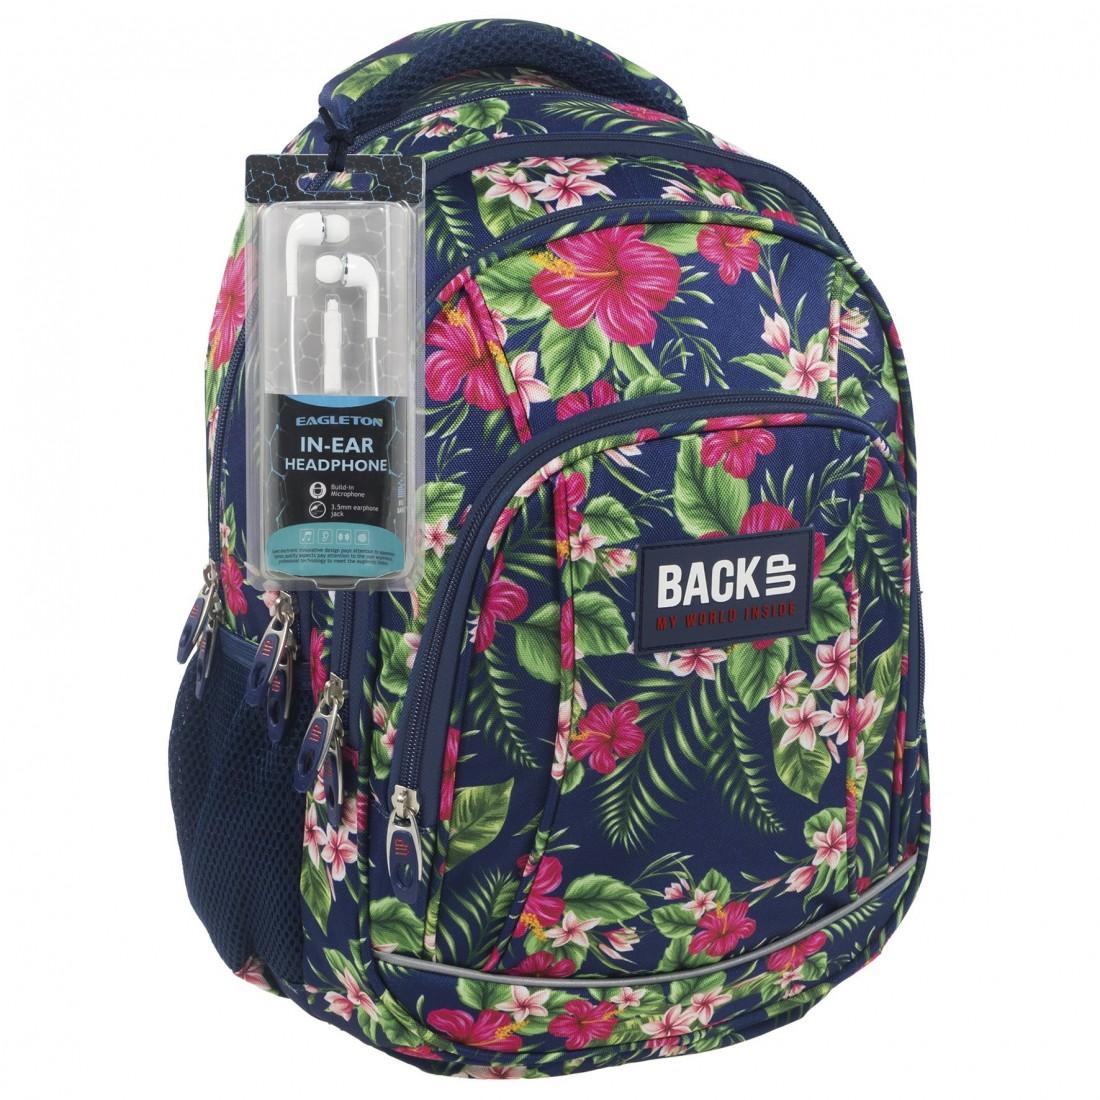 1f095671551f3 Modny plecak w tropikalnym stylu w różowe kwiaty hibiskusa - najbardziej  topowe wzornictwo zostało połączone w jeden plecak szkolny wraz z wygodą  oraz ...